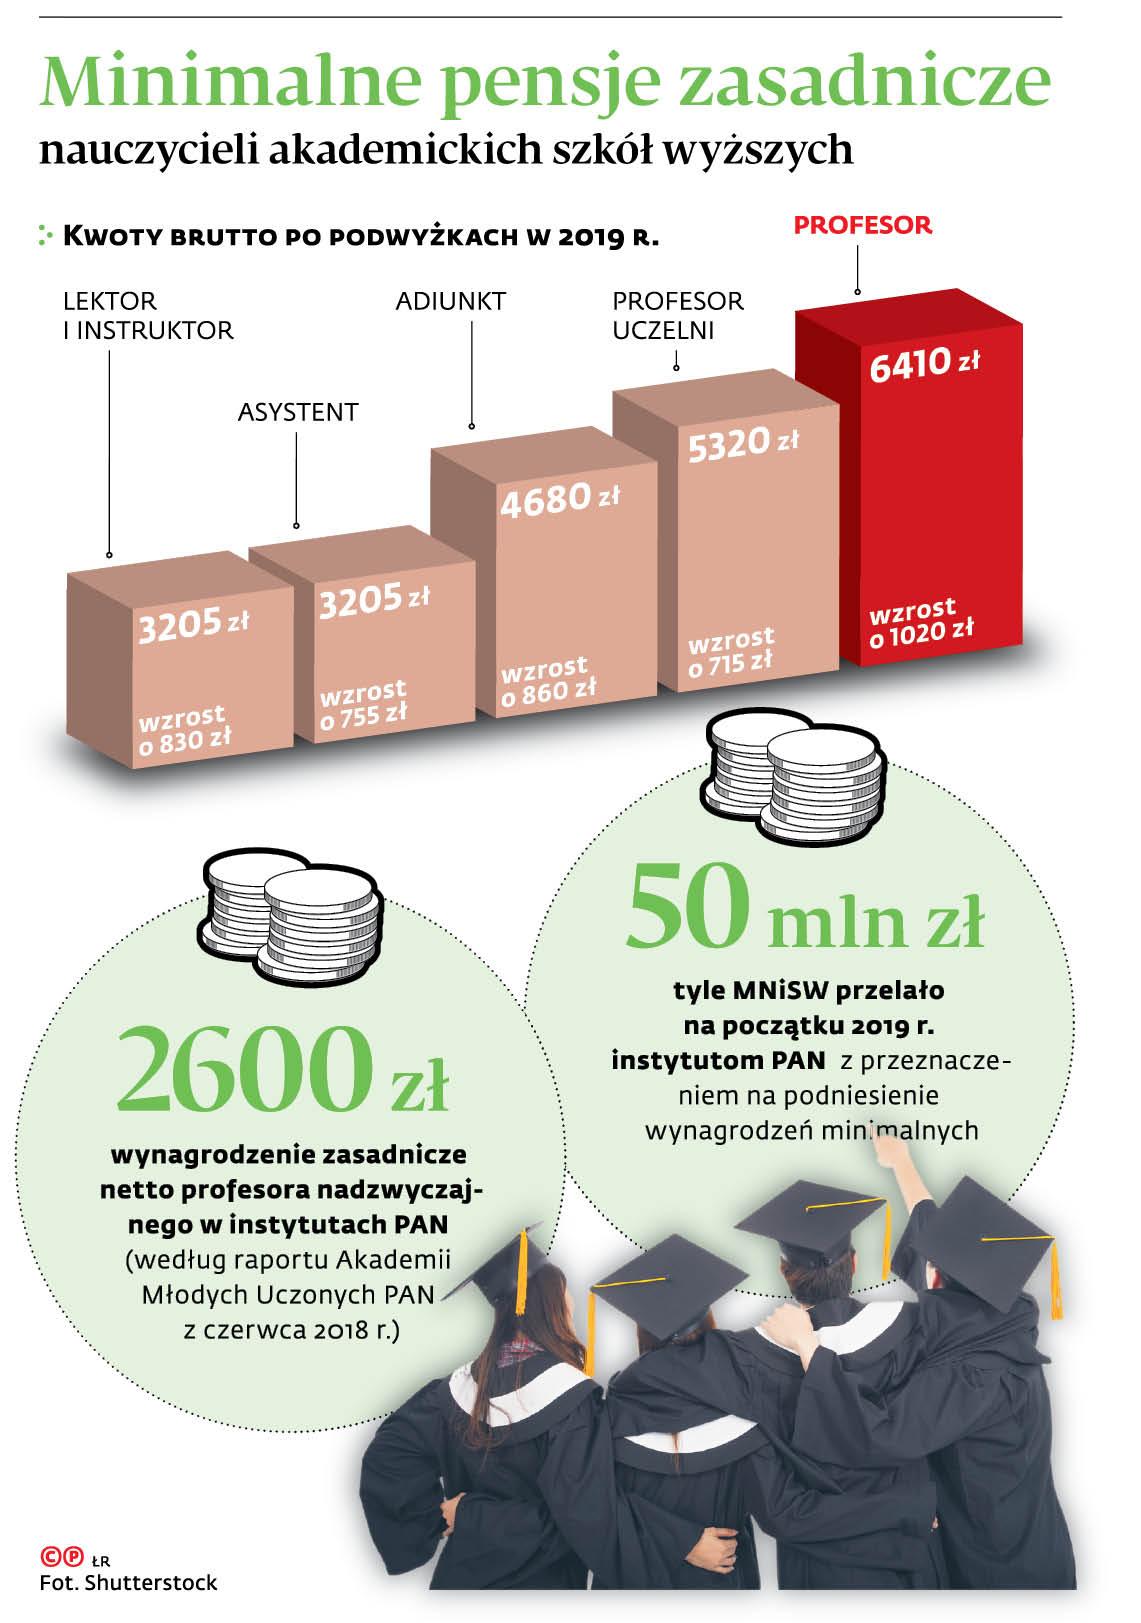 Minimalne pensje zasadnicze nauczycieli akademickich szkół wyższych